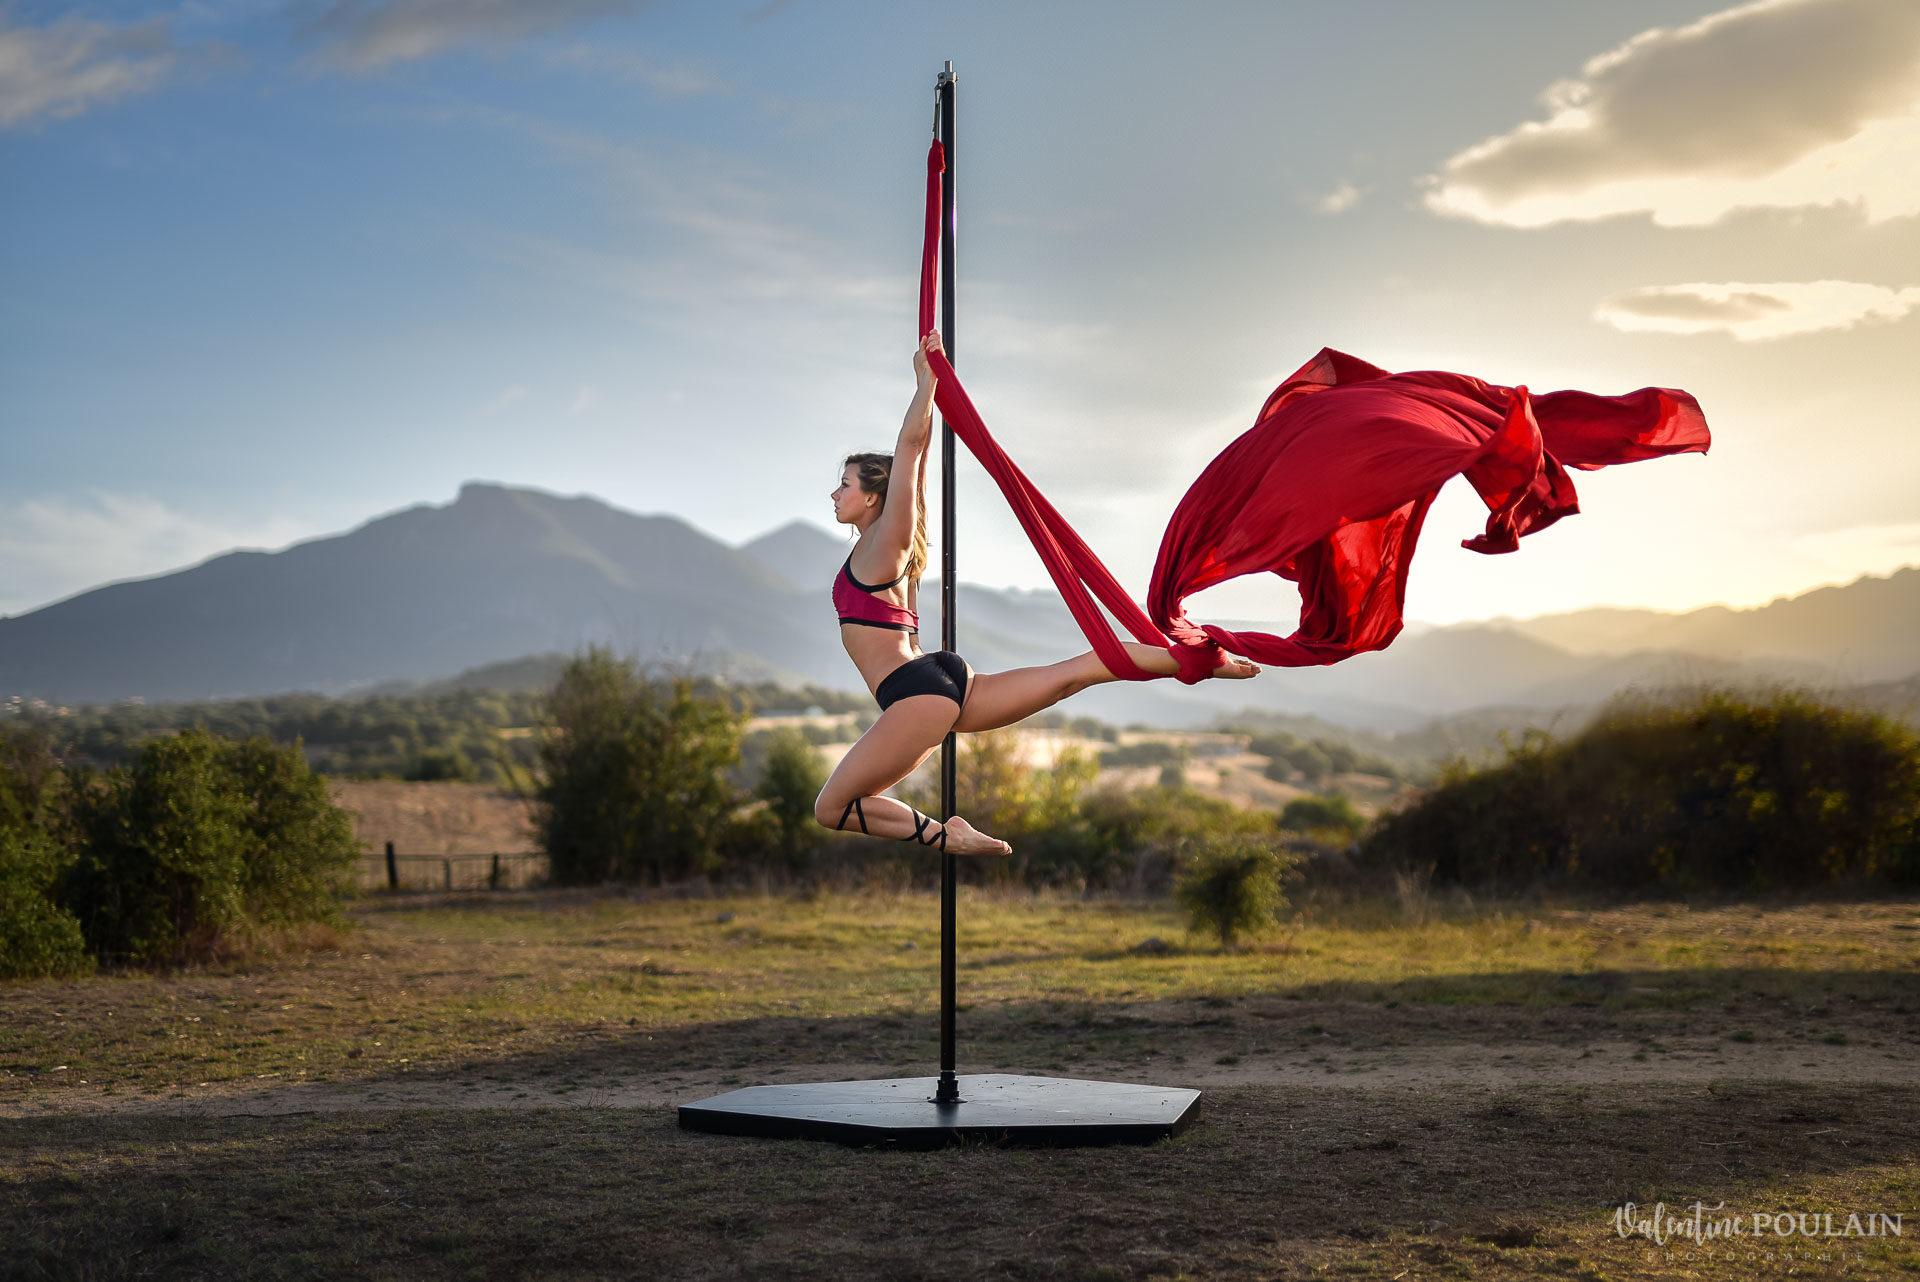 Shooting pole dance Corse Portrait - Valentine Poulain tissu aérien